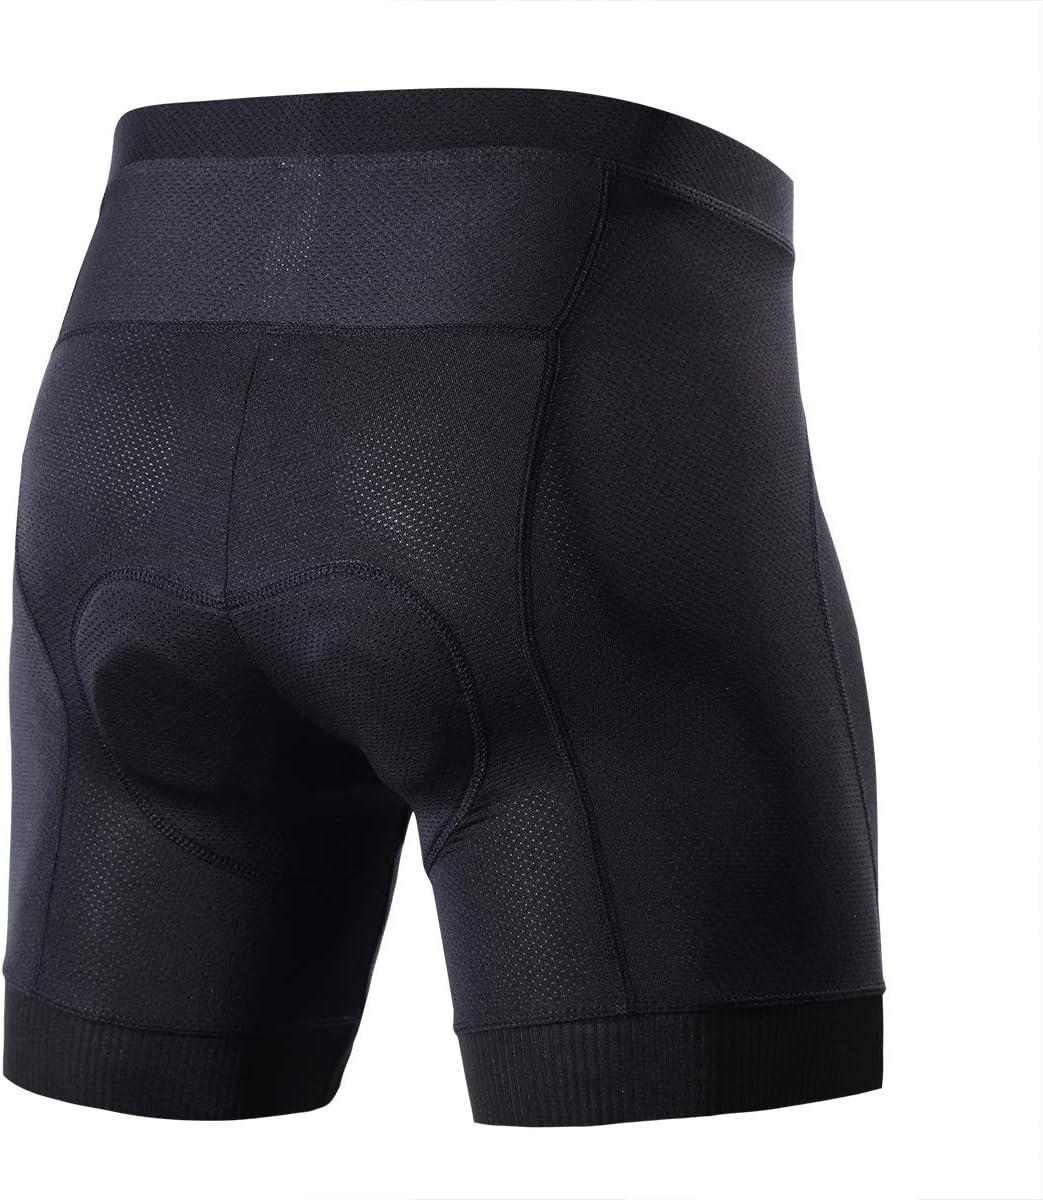 Souke Sports Pantaloncini da Ciclismo da Uomo Bici Mutande Biancheria Intima Imbottitie 4D Traspiranti Antiscivolo Antiurto